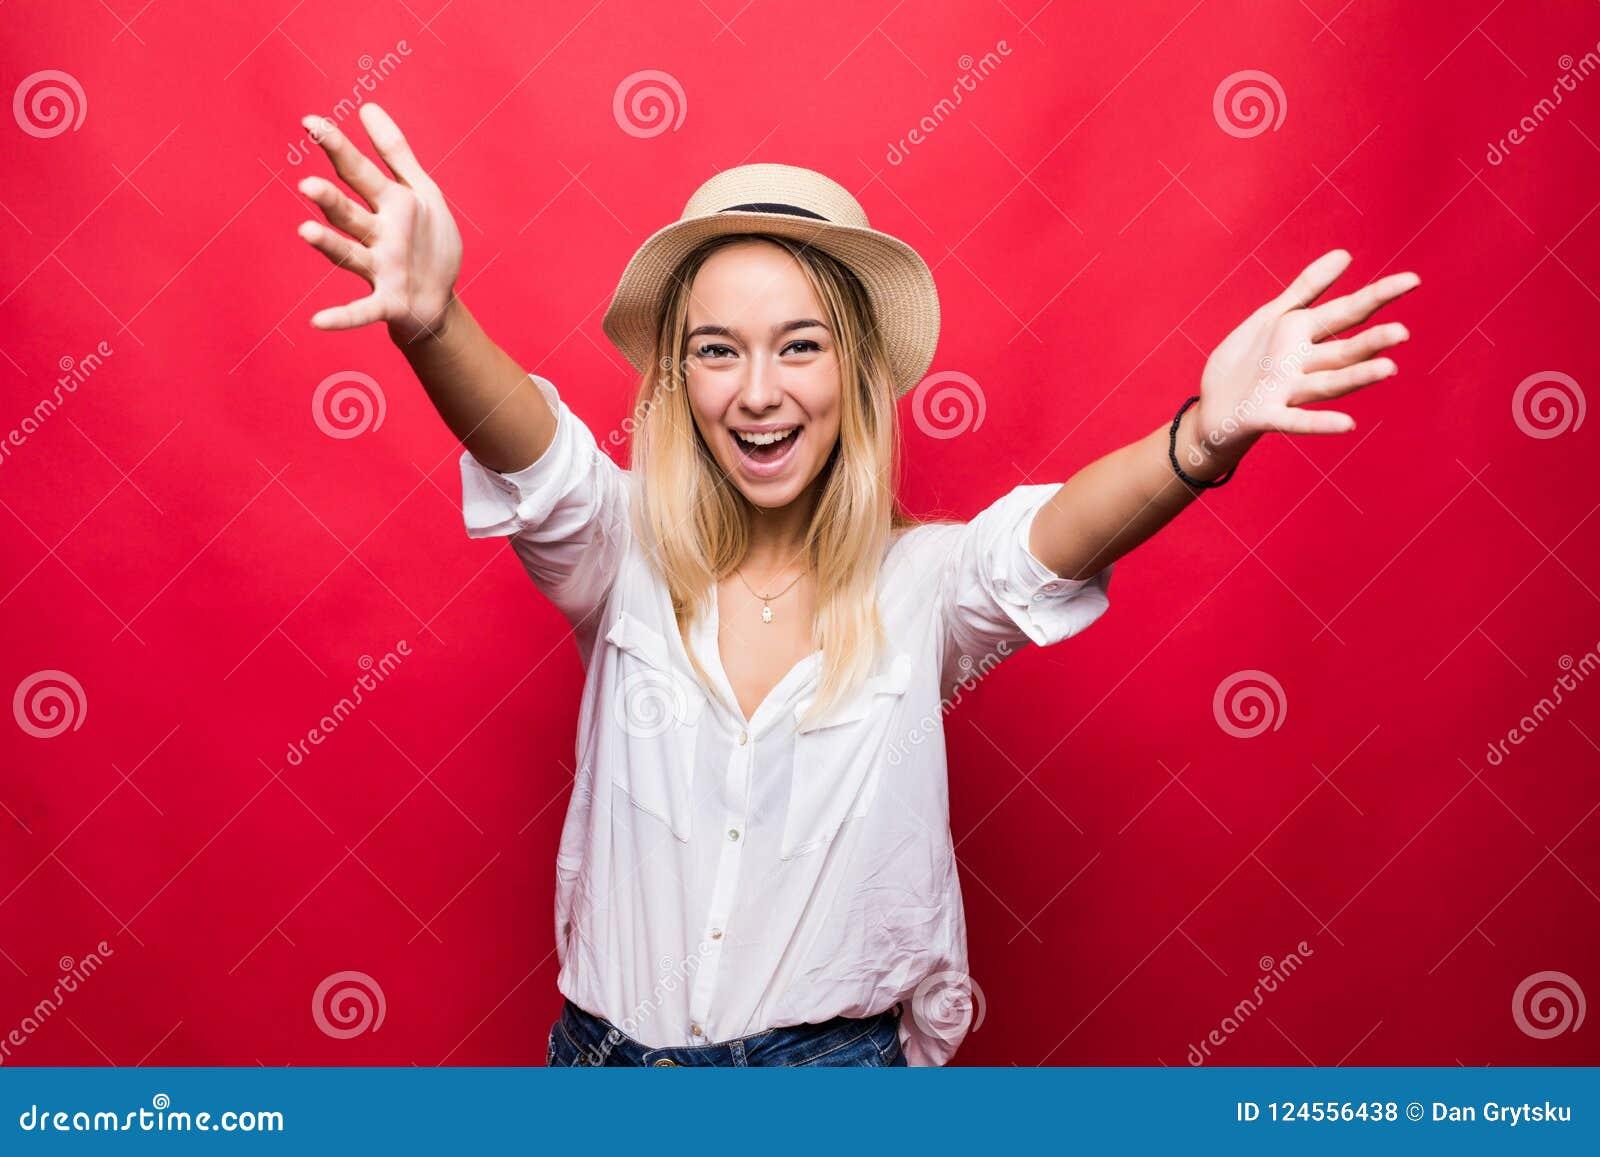 Πορτρέτο της νέας όμορφης γυναίκας στο καπέλο αχύρου με τους ανοικτούς φοίνικες, που απομονώνεται στο κόκκινο υπόβαθρο